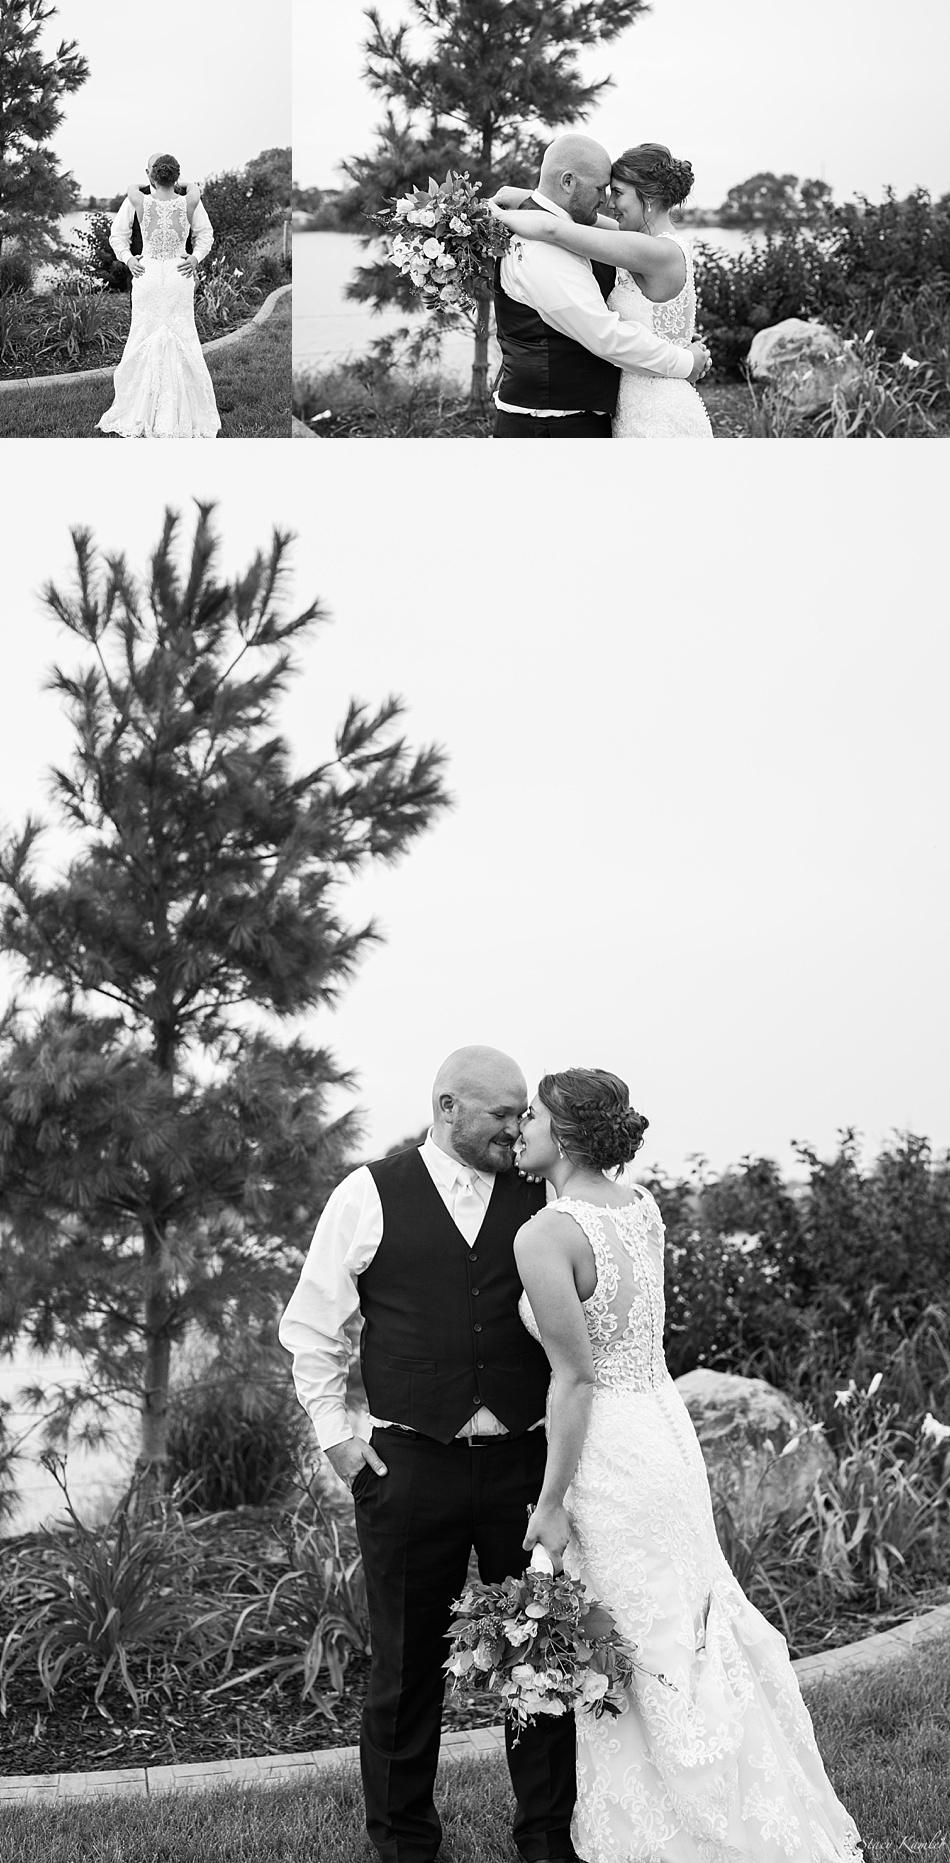 Kearney, Ne Wedding Photographer